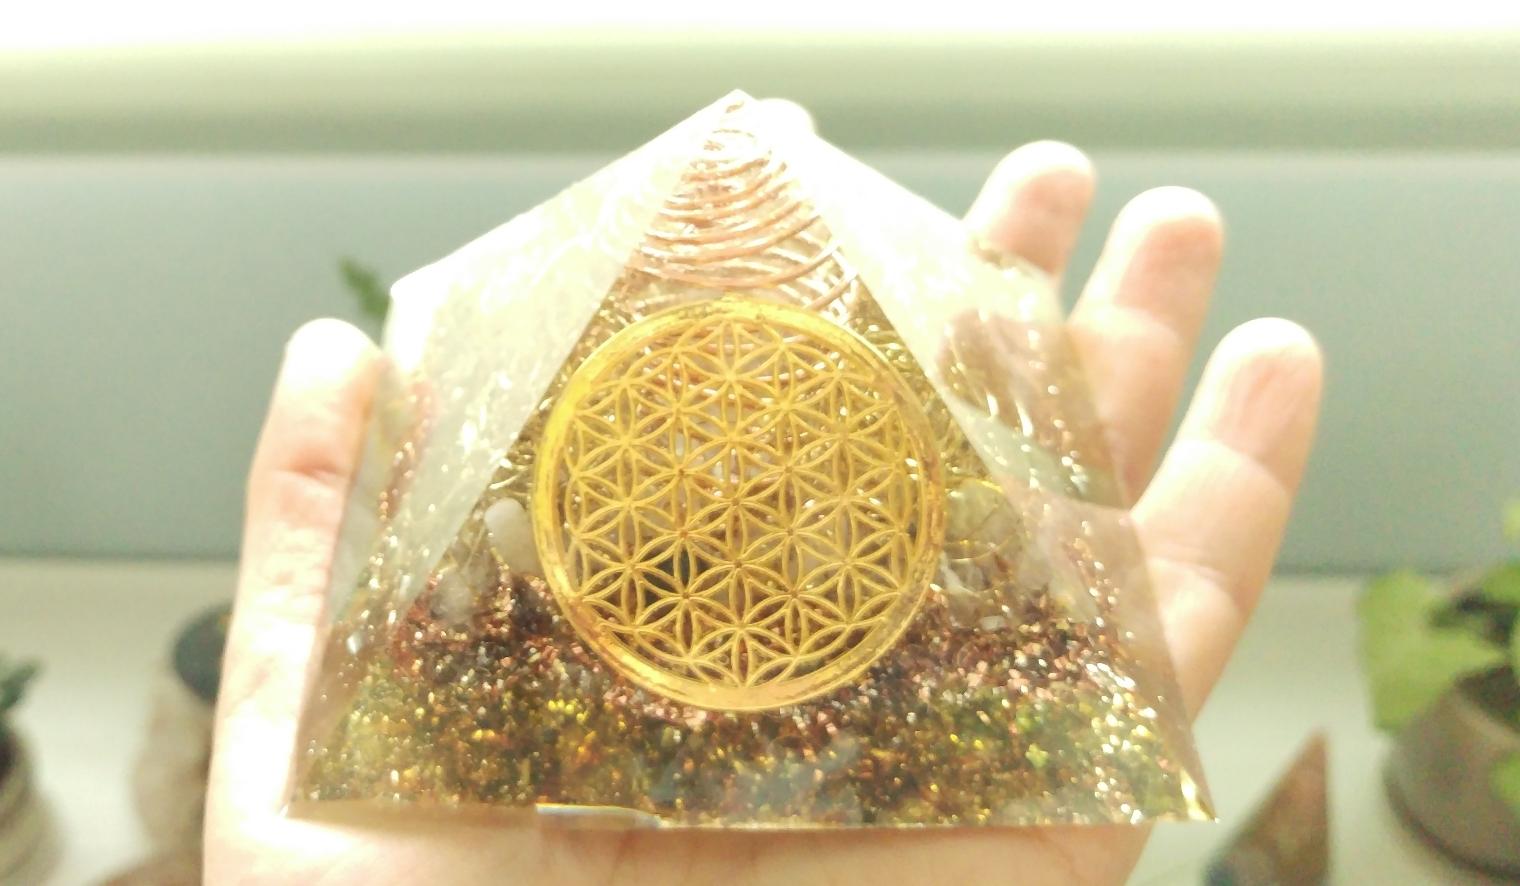 【豊】オルゴナイト〈ピラミッド 黄金比〉